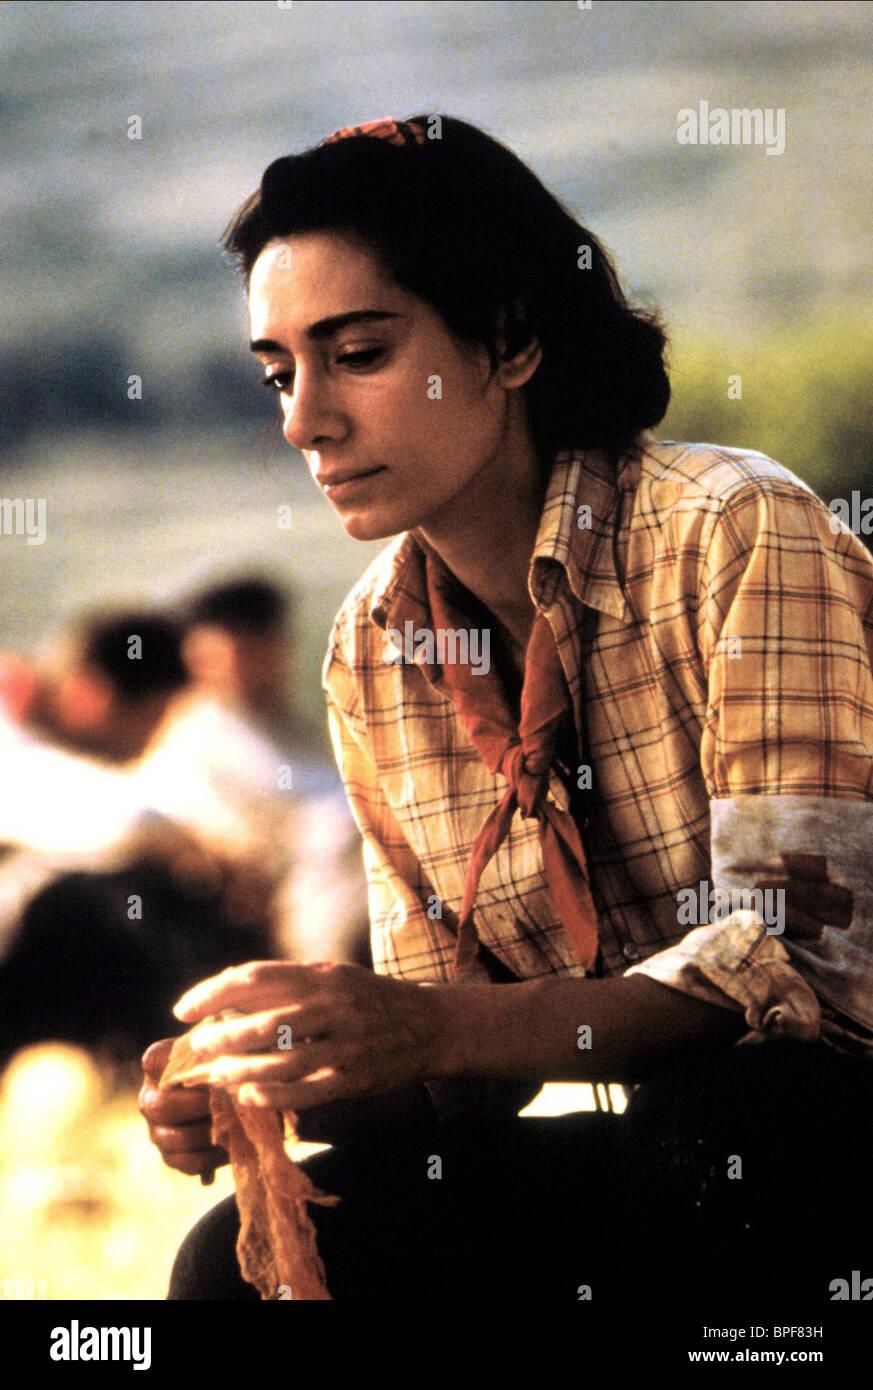 ROSANA PASTOR LAND AND FREEDOM (1995) - Stock Image